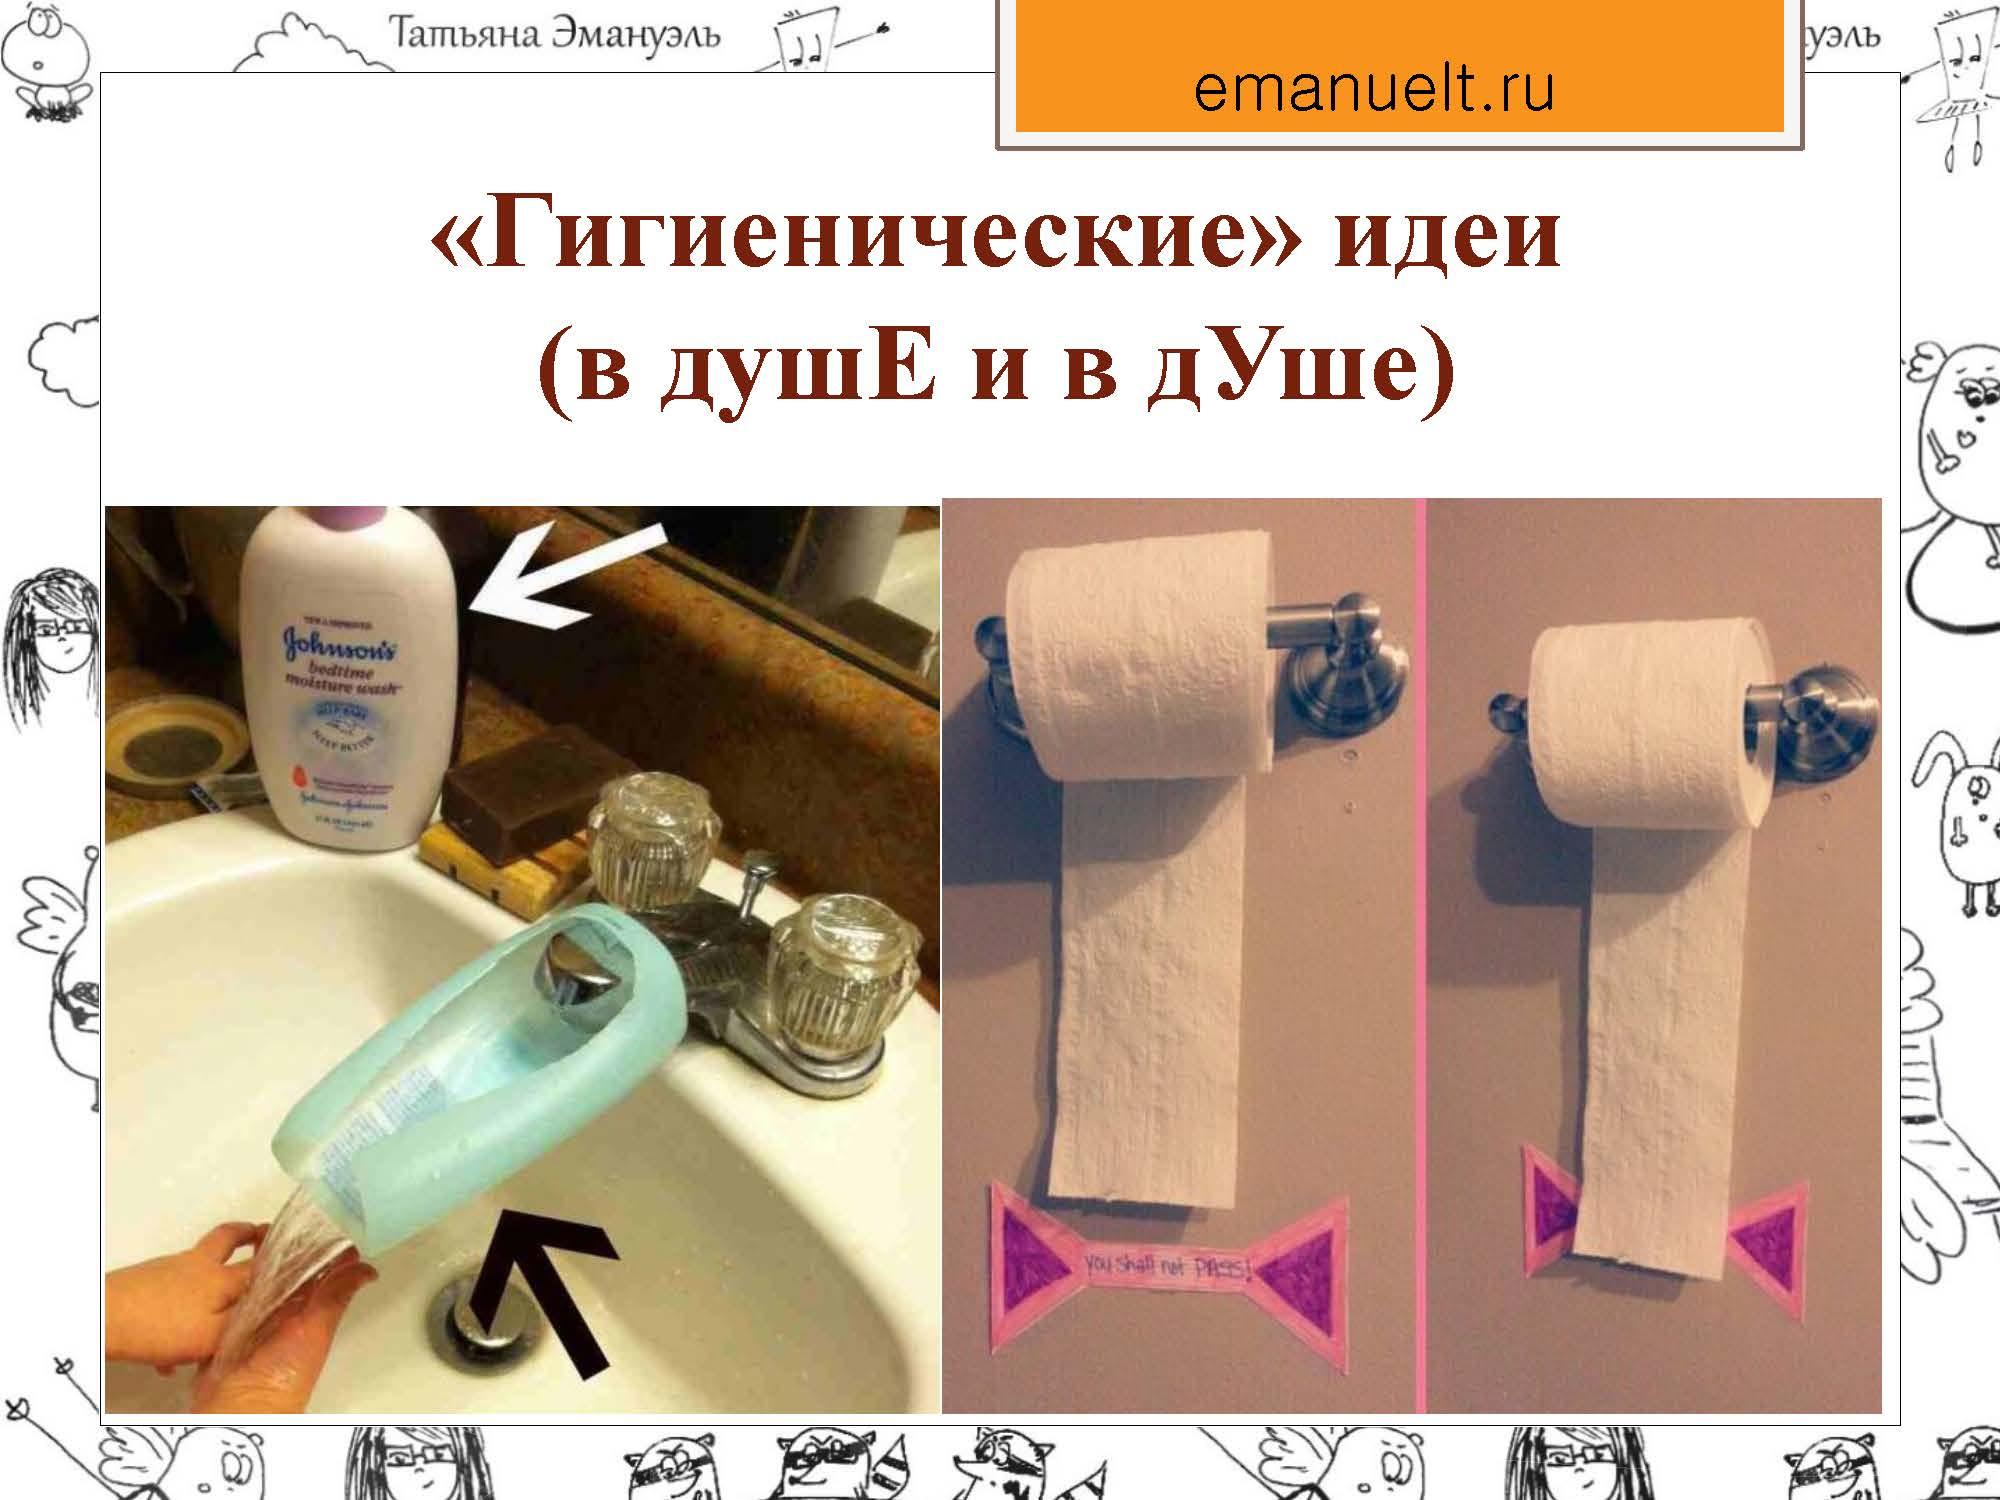 секция 8. Эмануэль Т.С., Московский район_Страница_24